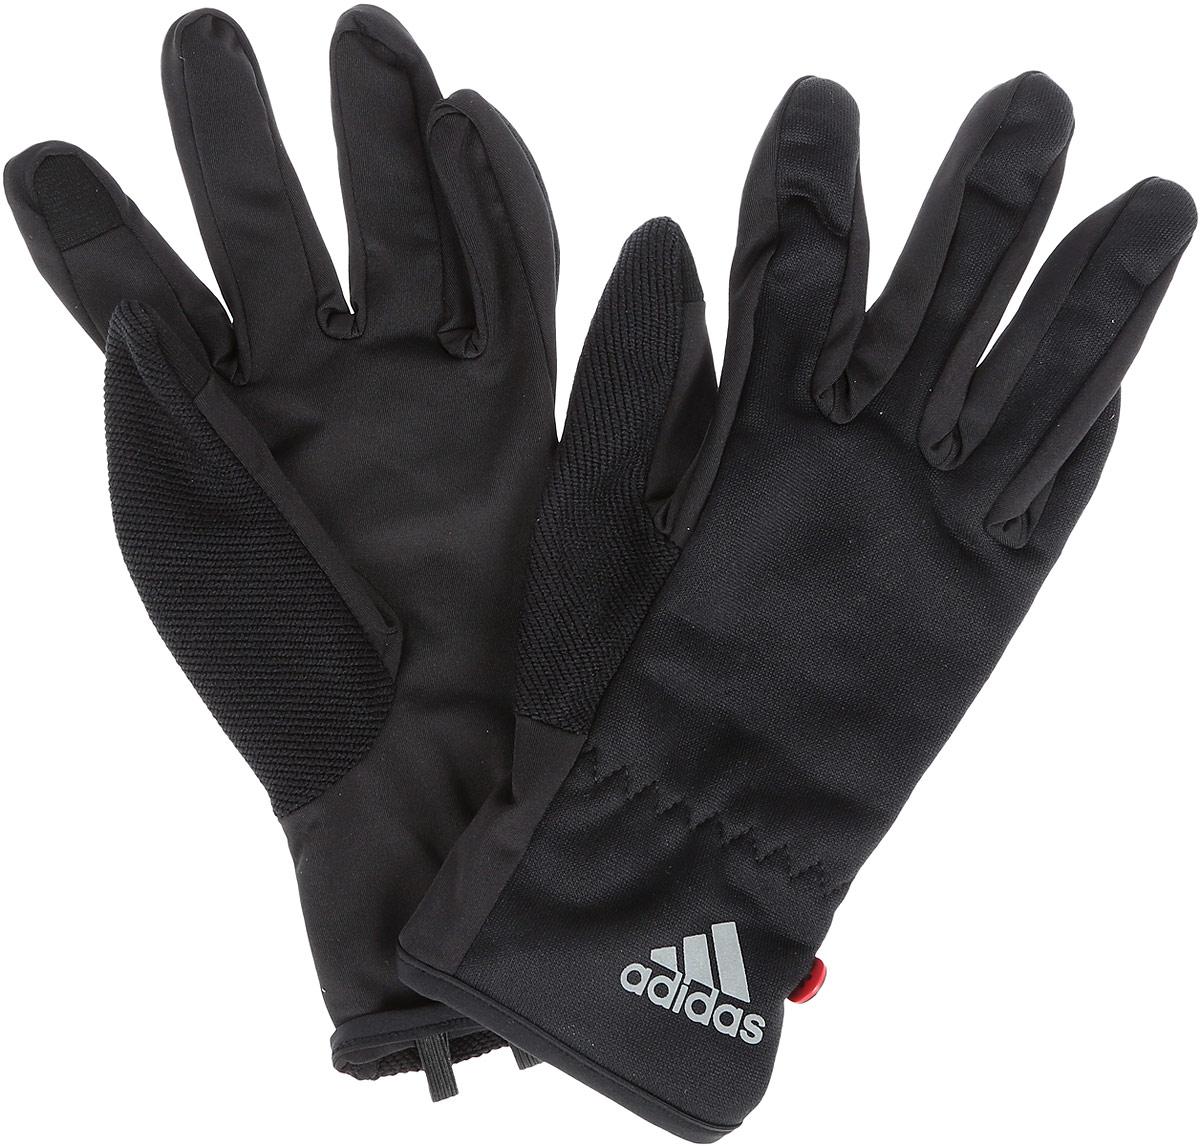 Перчатки для бега adidas Run Clmlt Glove, цвет: черный. S94173. Размер S (18)S94173ПЕРЧАТКИ RUN CLMLT GLOVE. С технологией climalite, способствующей быстрому выведению влаги с поверхности тела.